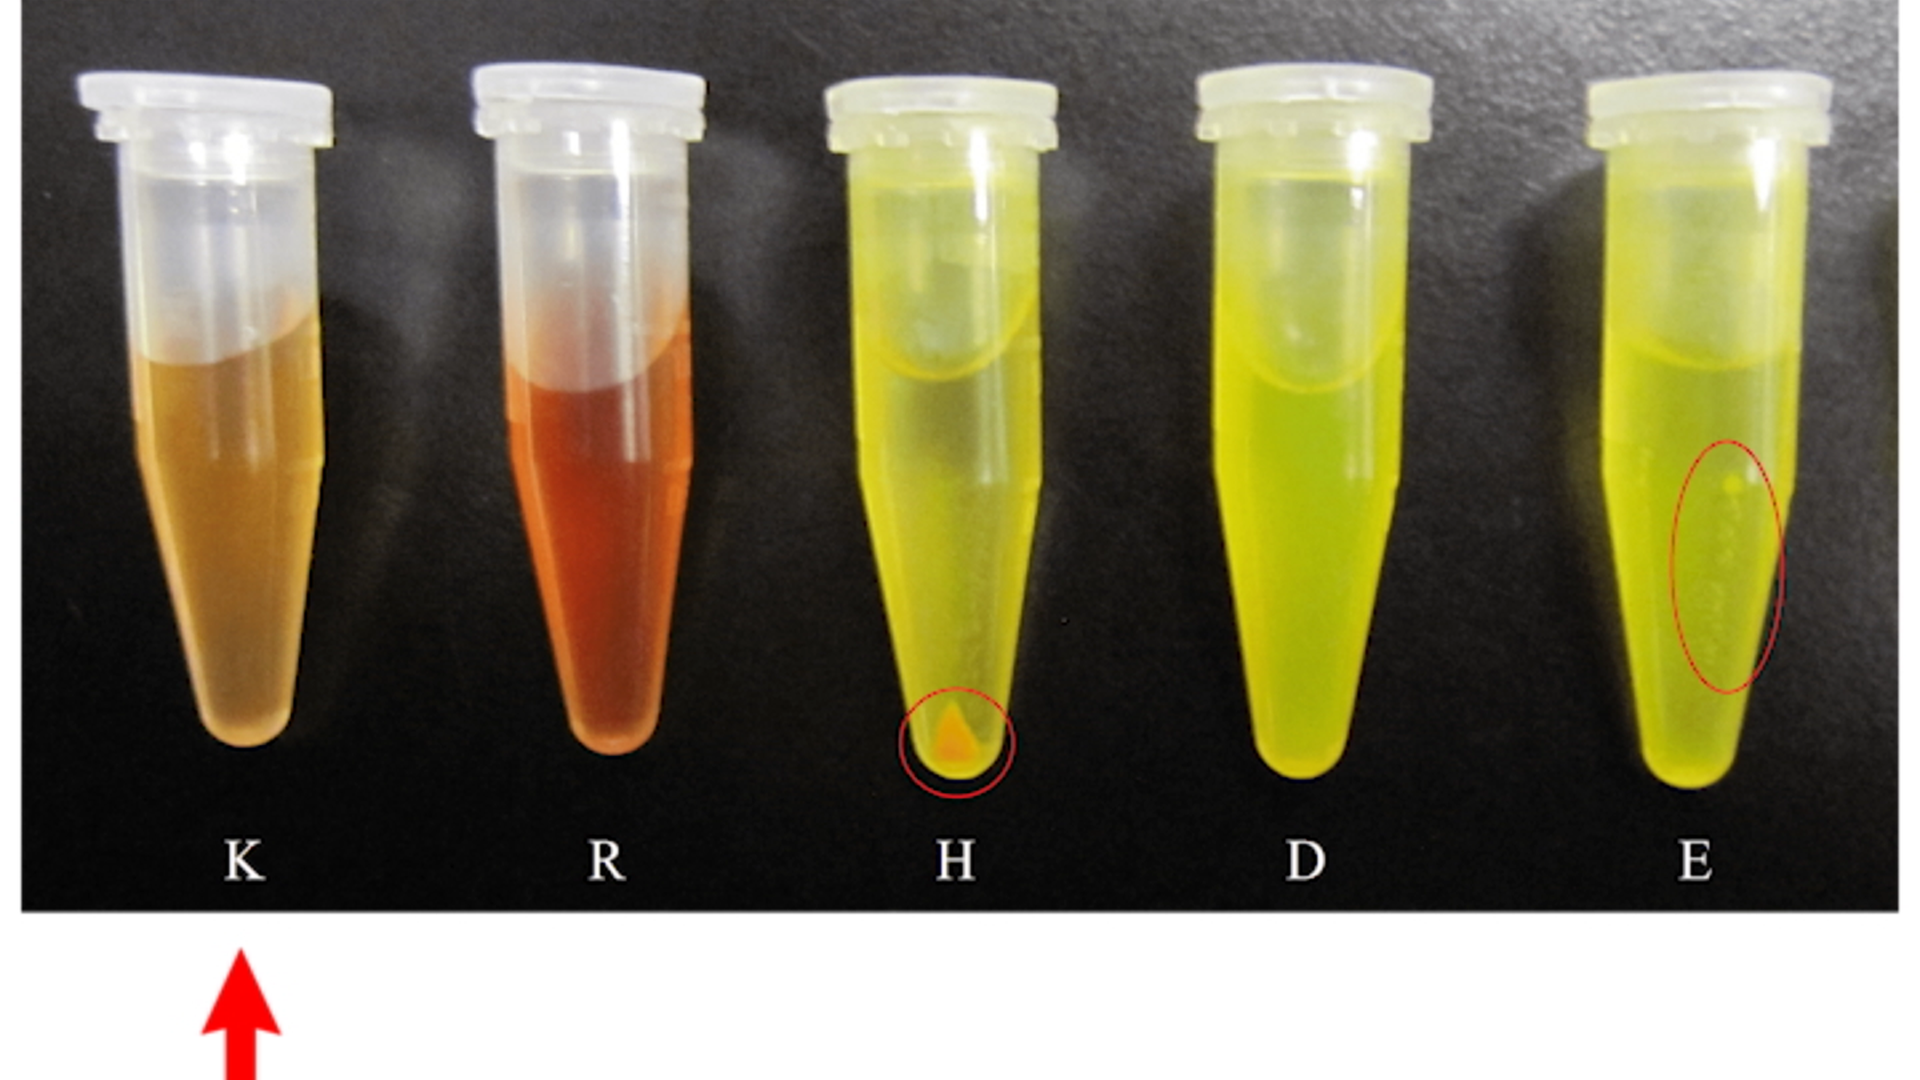 Solubilità dei composti idrofobici in soluzione acquosa utilizzando combinazioni di autoassemblanti peptidi e aminoacidi thumbnail